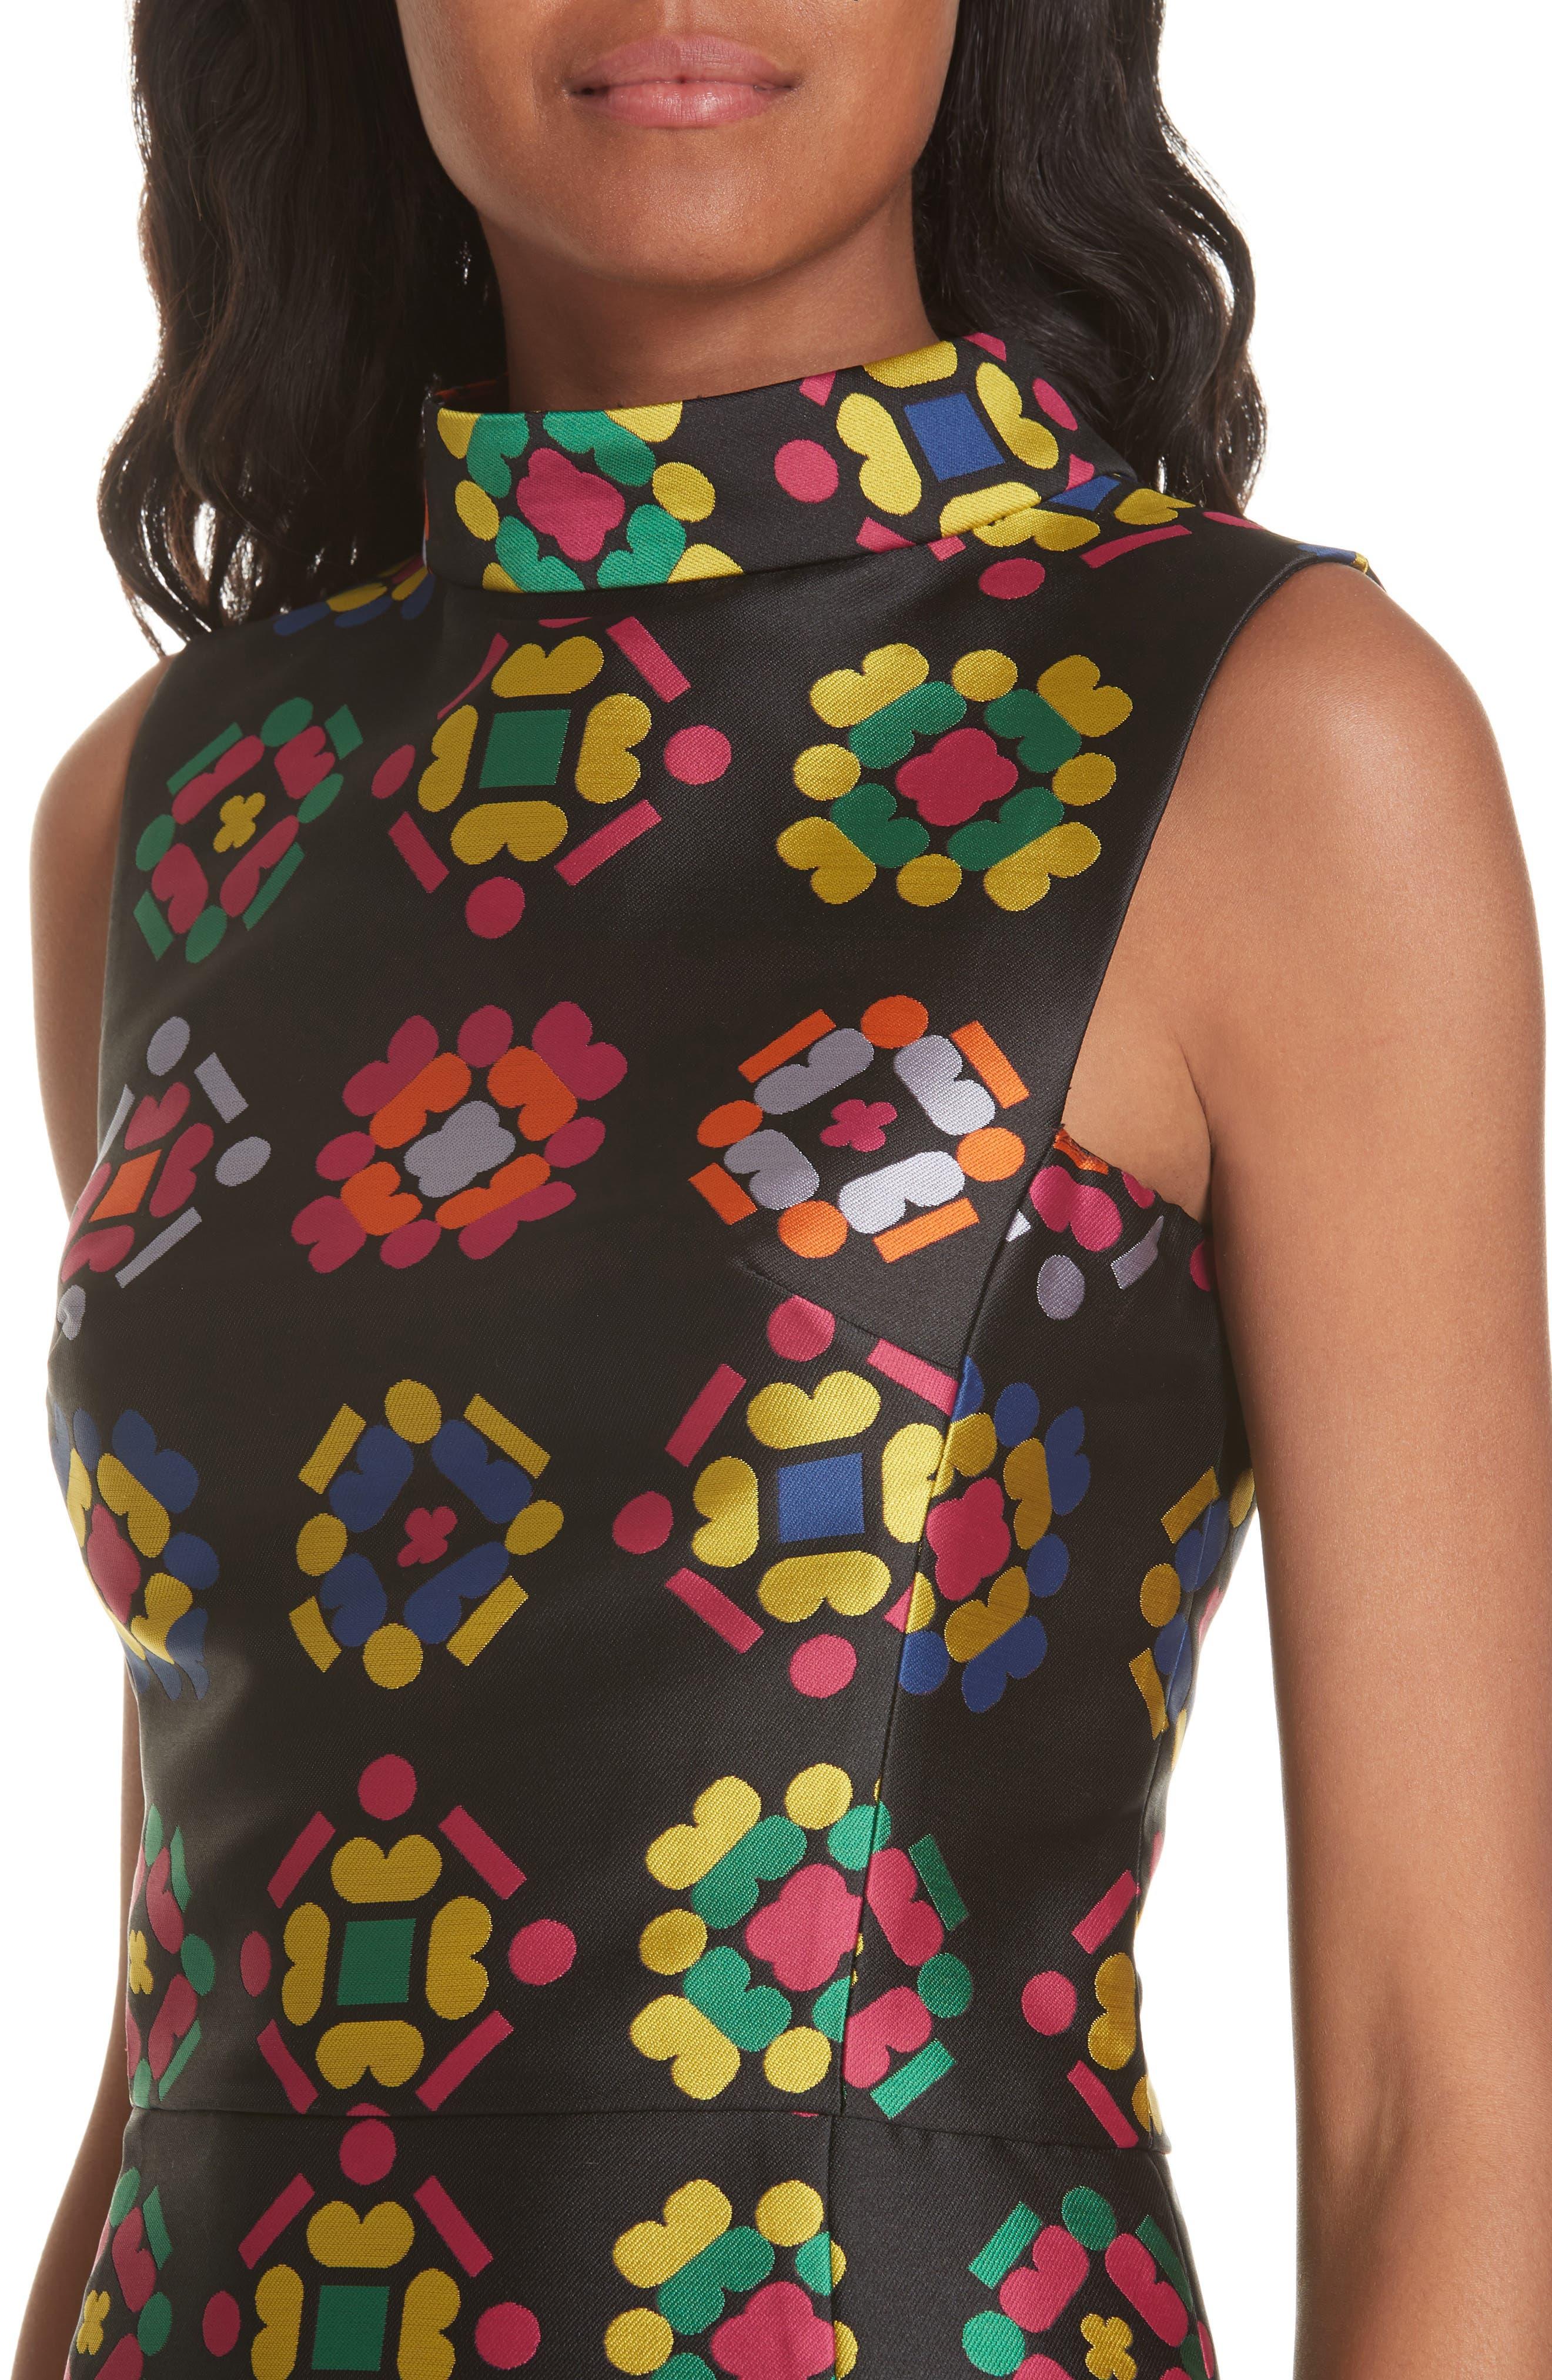 Melinda Geometric Jacquard Sheath Dress,                             Alternate thumbnail 4, color,                             001